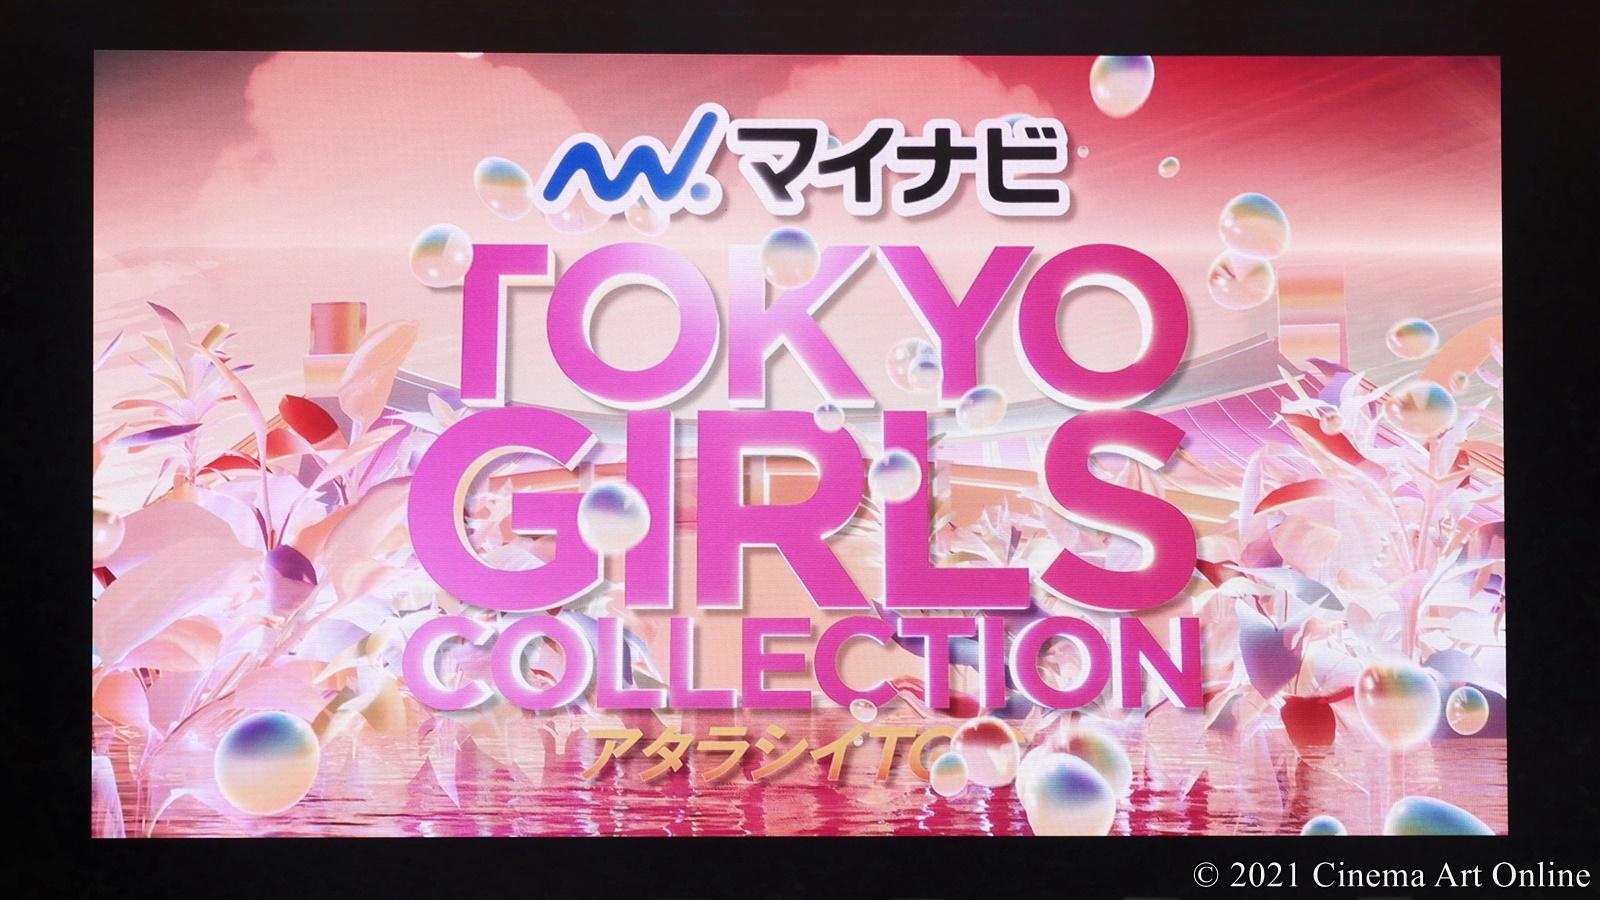 【写真】第32回 マイナビ 東京ガールズコレクション 2021 SPRING/SUMMER (マイナビ TGC 2021 S/S) メインビジュアル